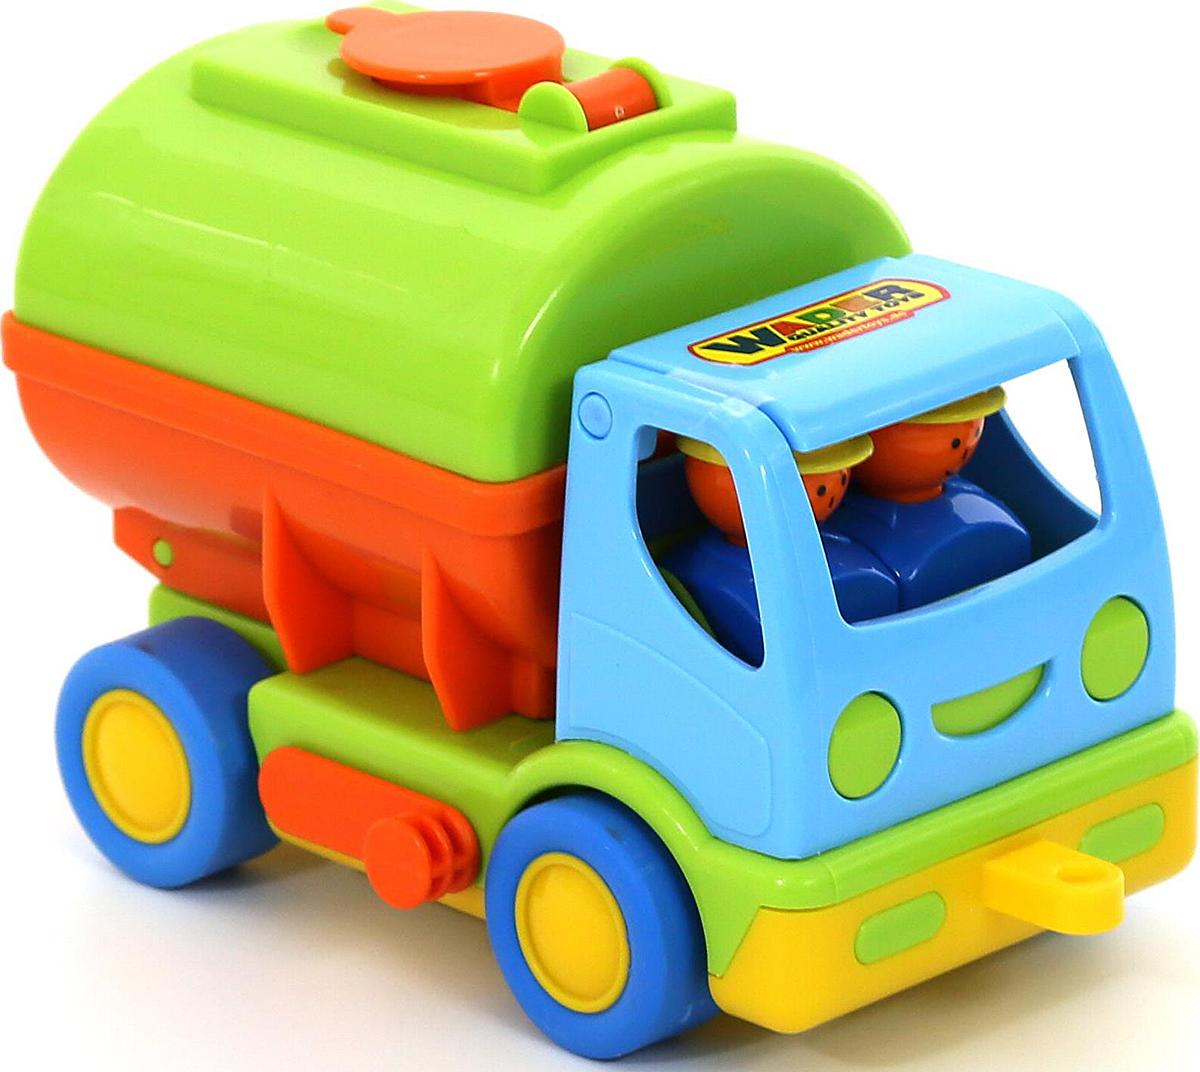 Полесье Автомобиль с цистерной Мой первый грузовик 40145 полесье автомобиль с цистерной мой первый грузовик 5441